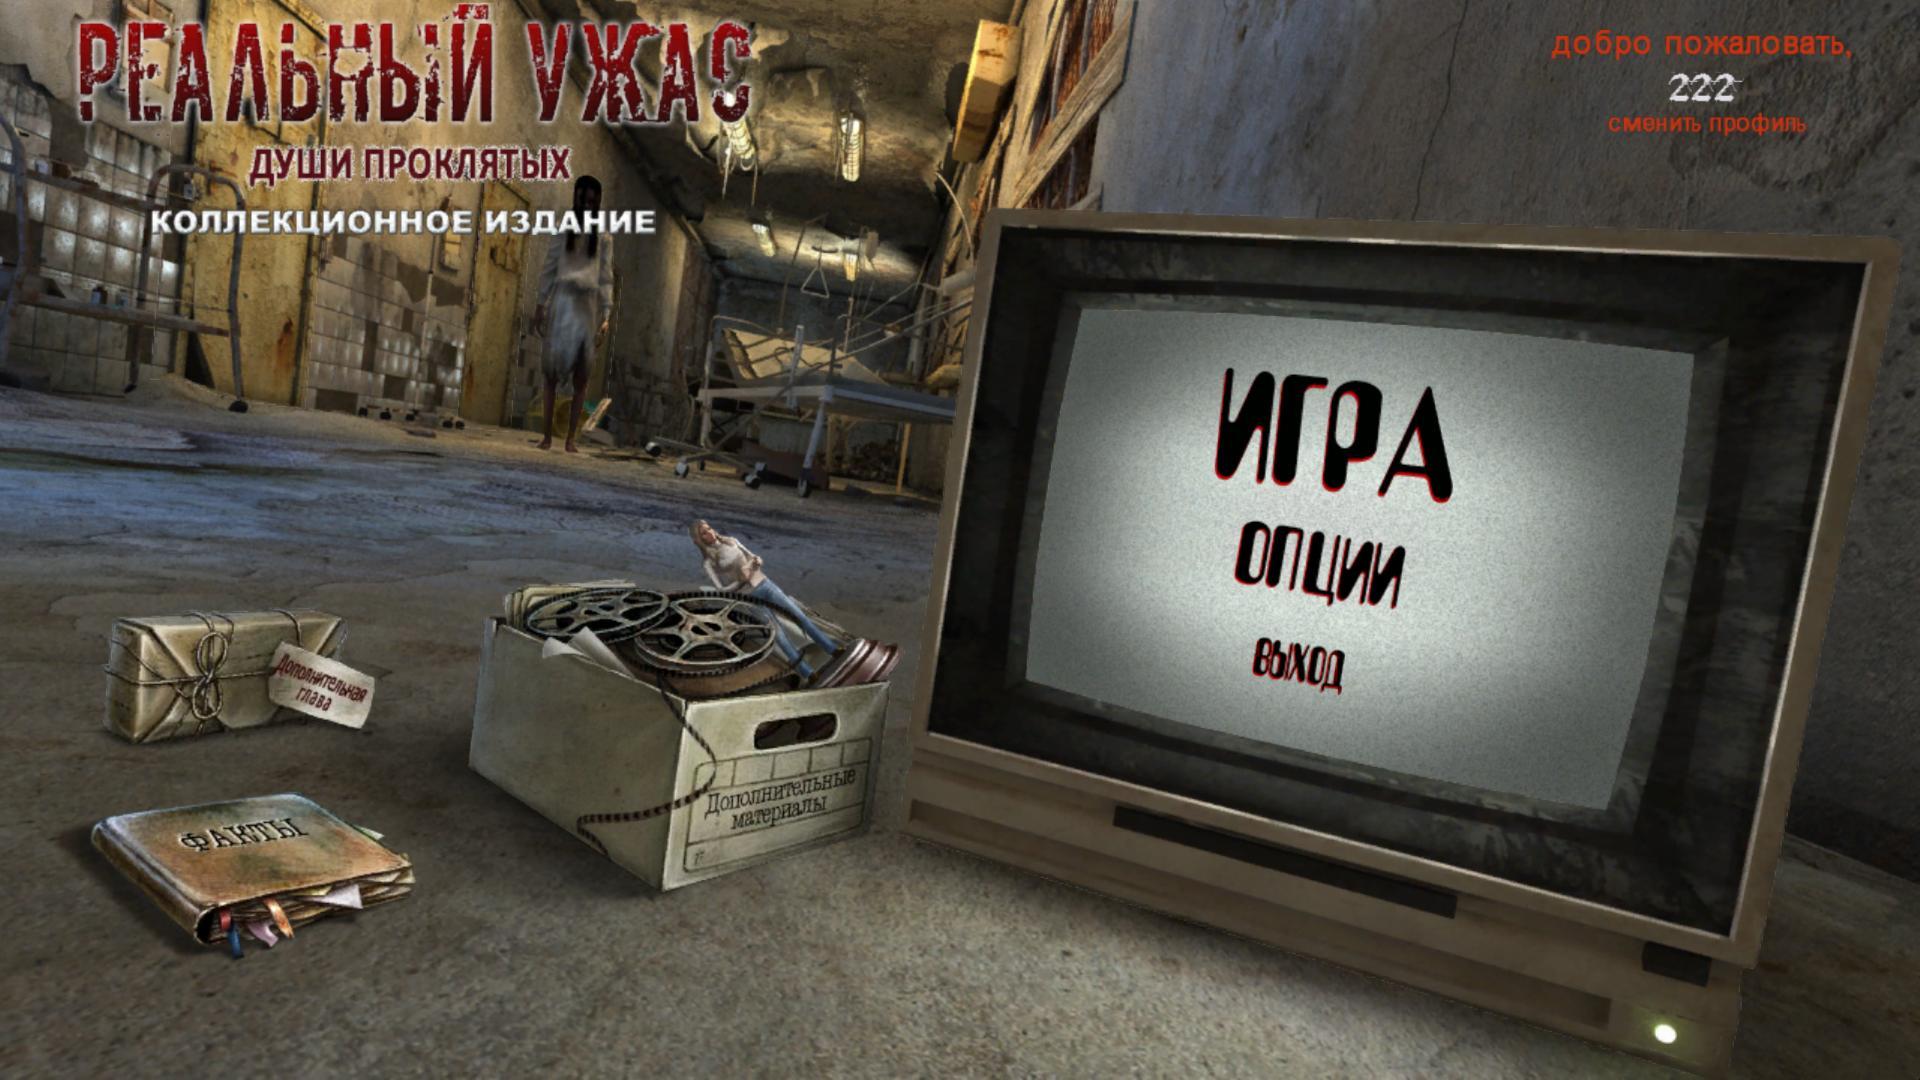 Реальный ужас: Души проклятых. Коллекционное издание | True Fear: Forsaken Souls CE (Rus)